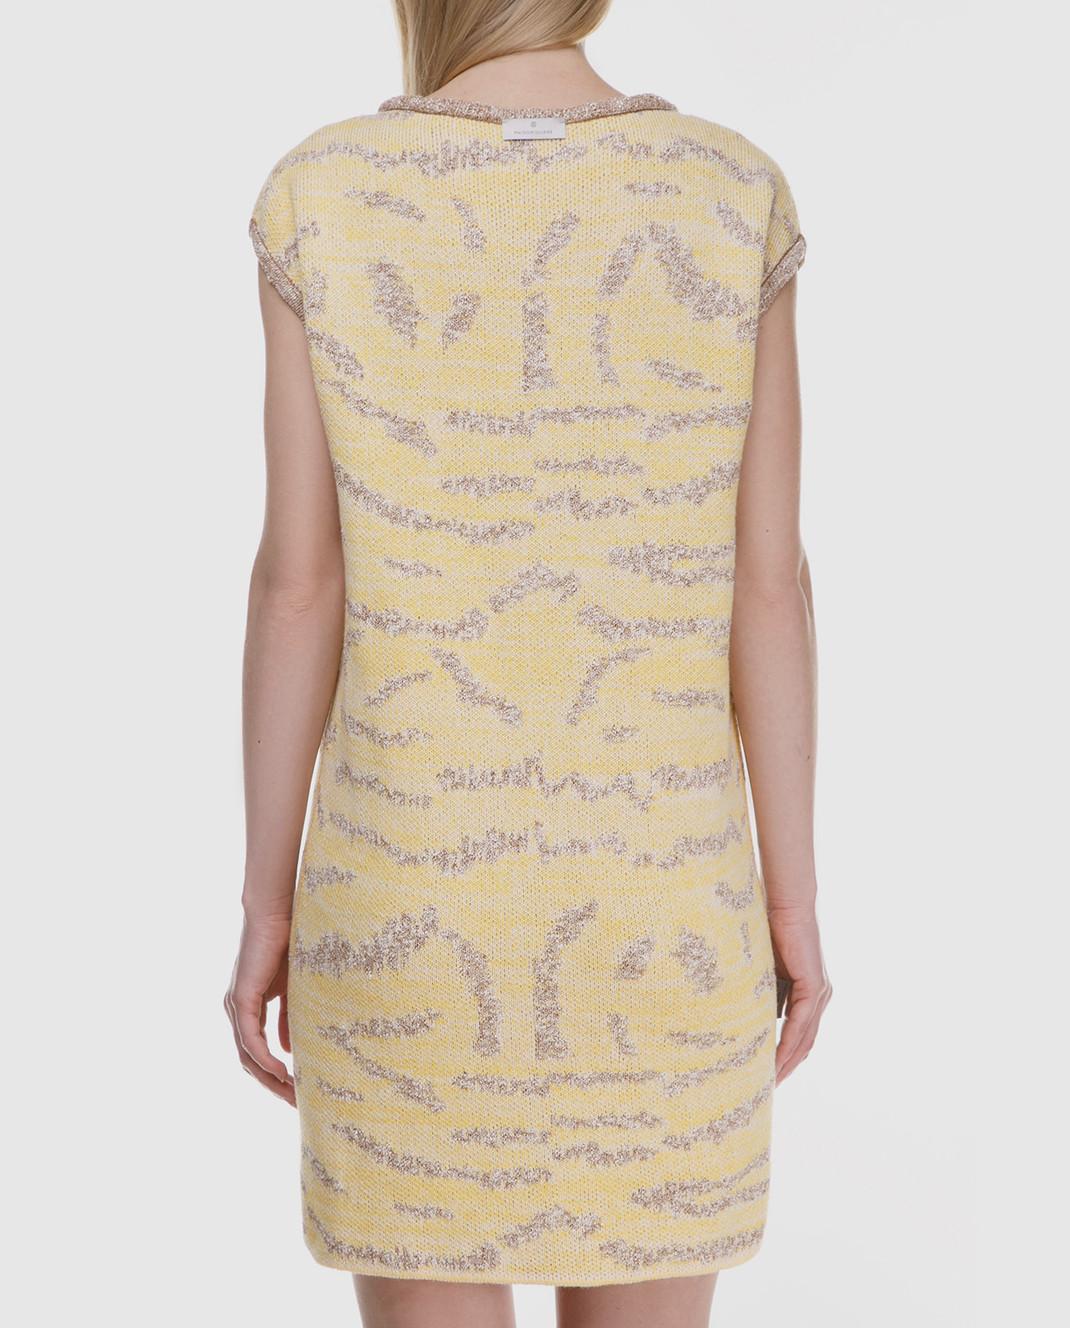 Maison Ullens Двустороннее платье DRE070 изображение 6